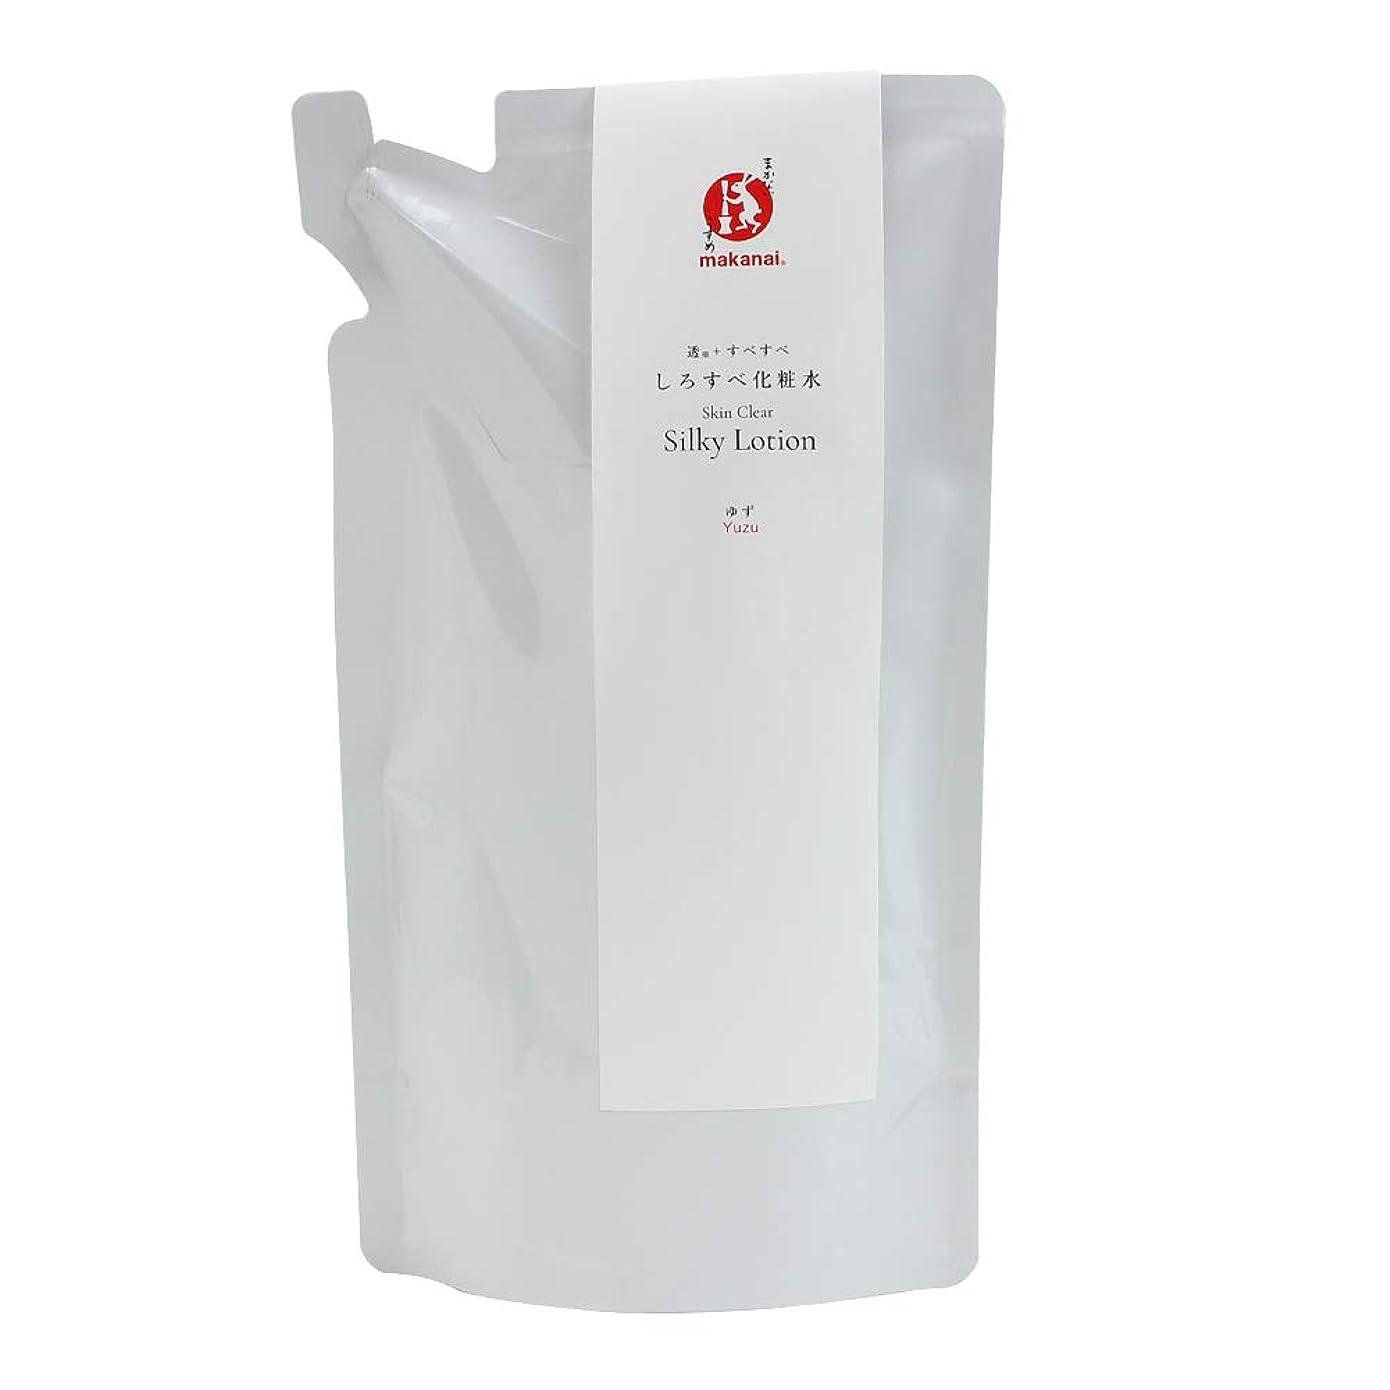 蛾成熟したアルカトラズ島まかないこすめ しろすべ化粧水(詰め替え用) 150ml